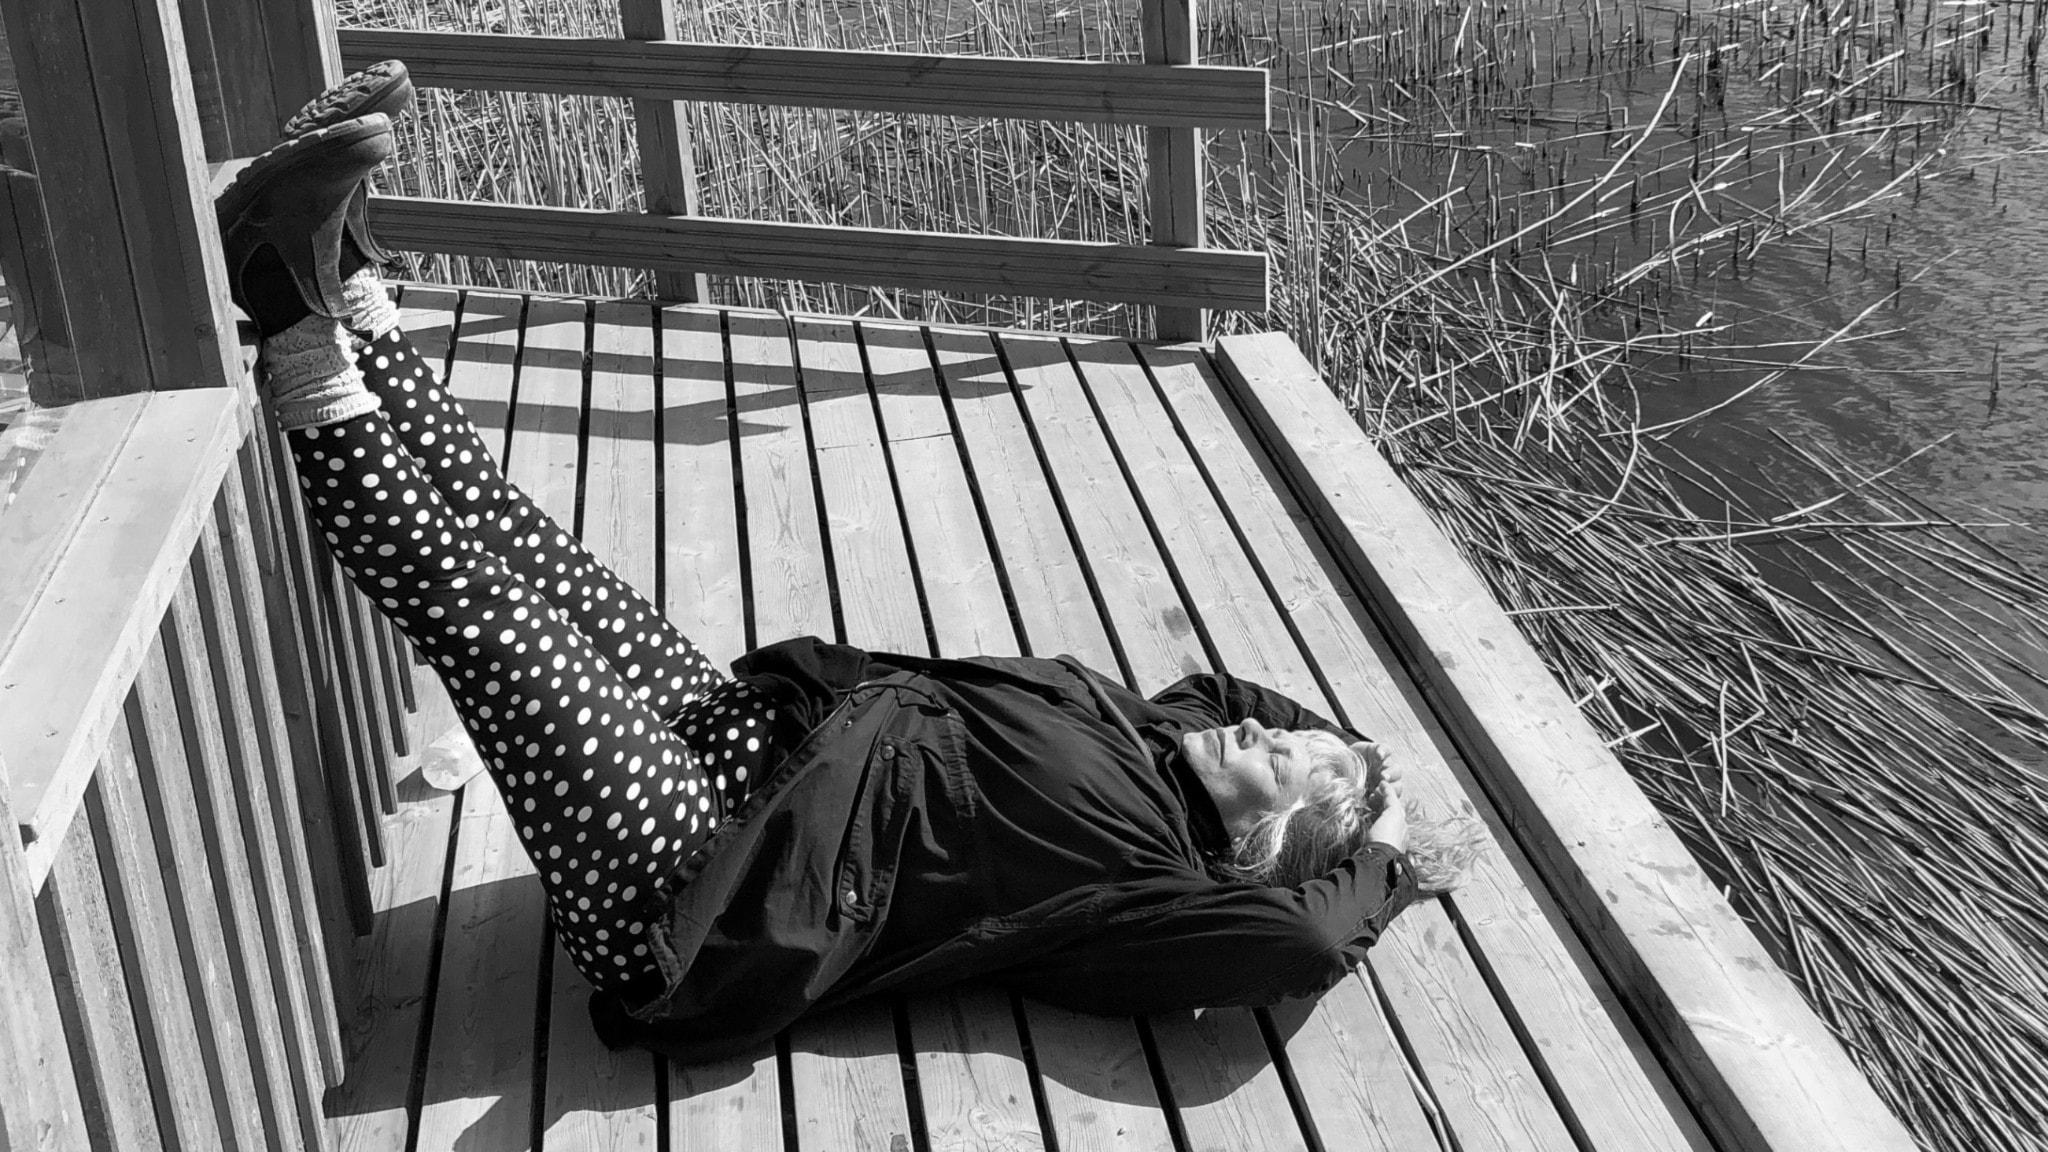 Stina ligger på en brygga med benen uppåt, lutade mot en trävägg. Bryggan omges av vatten och vass.